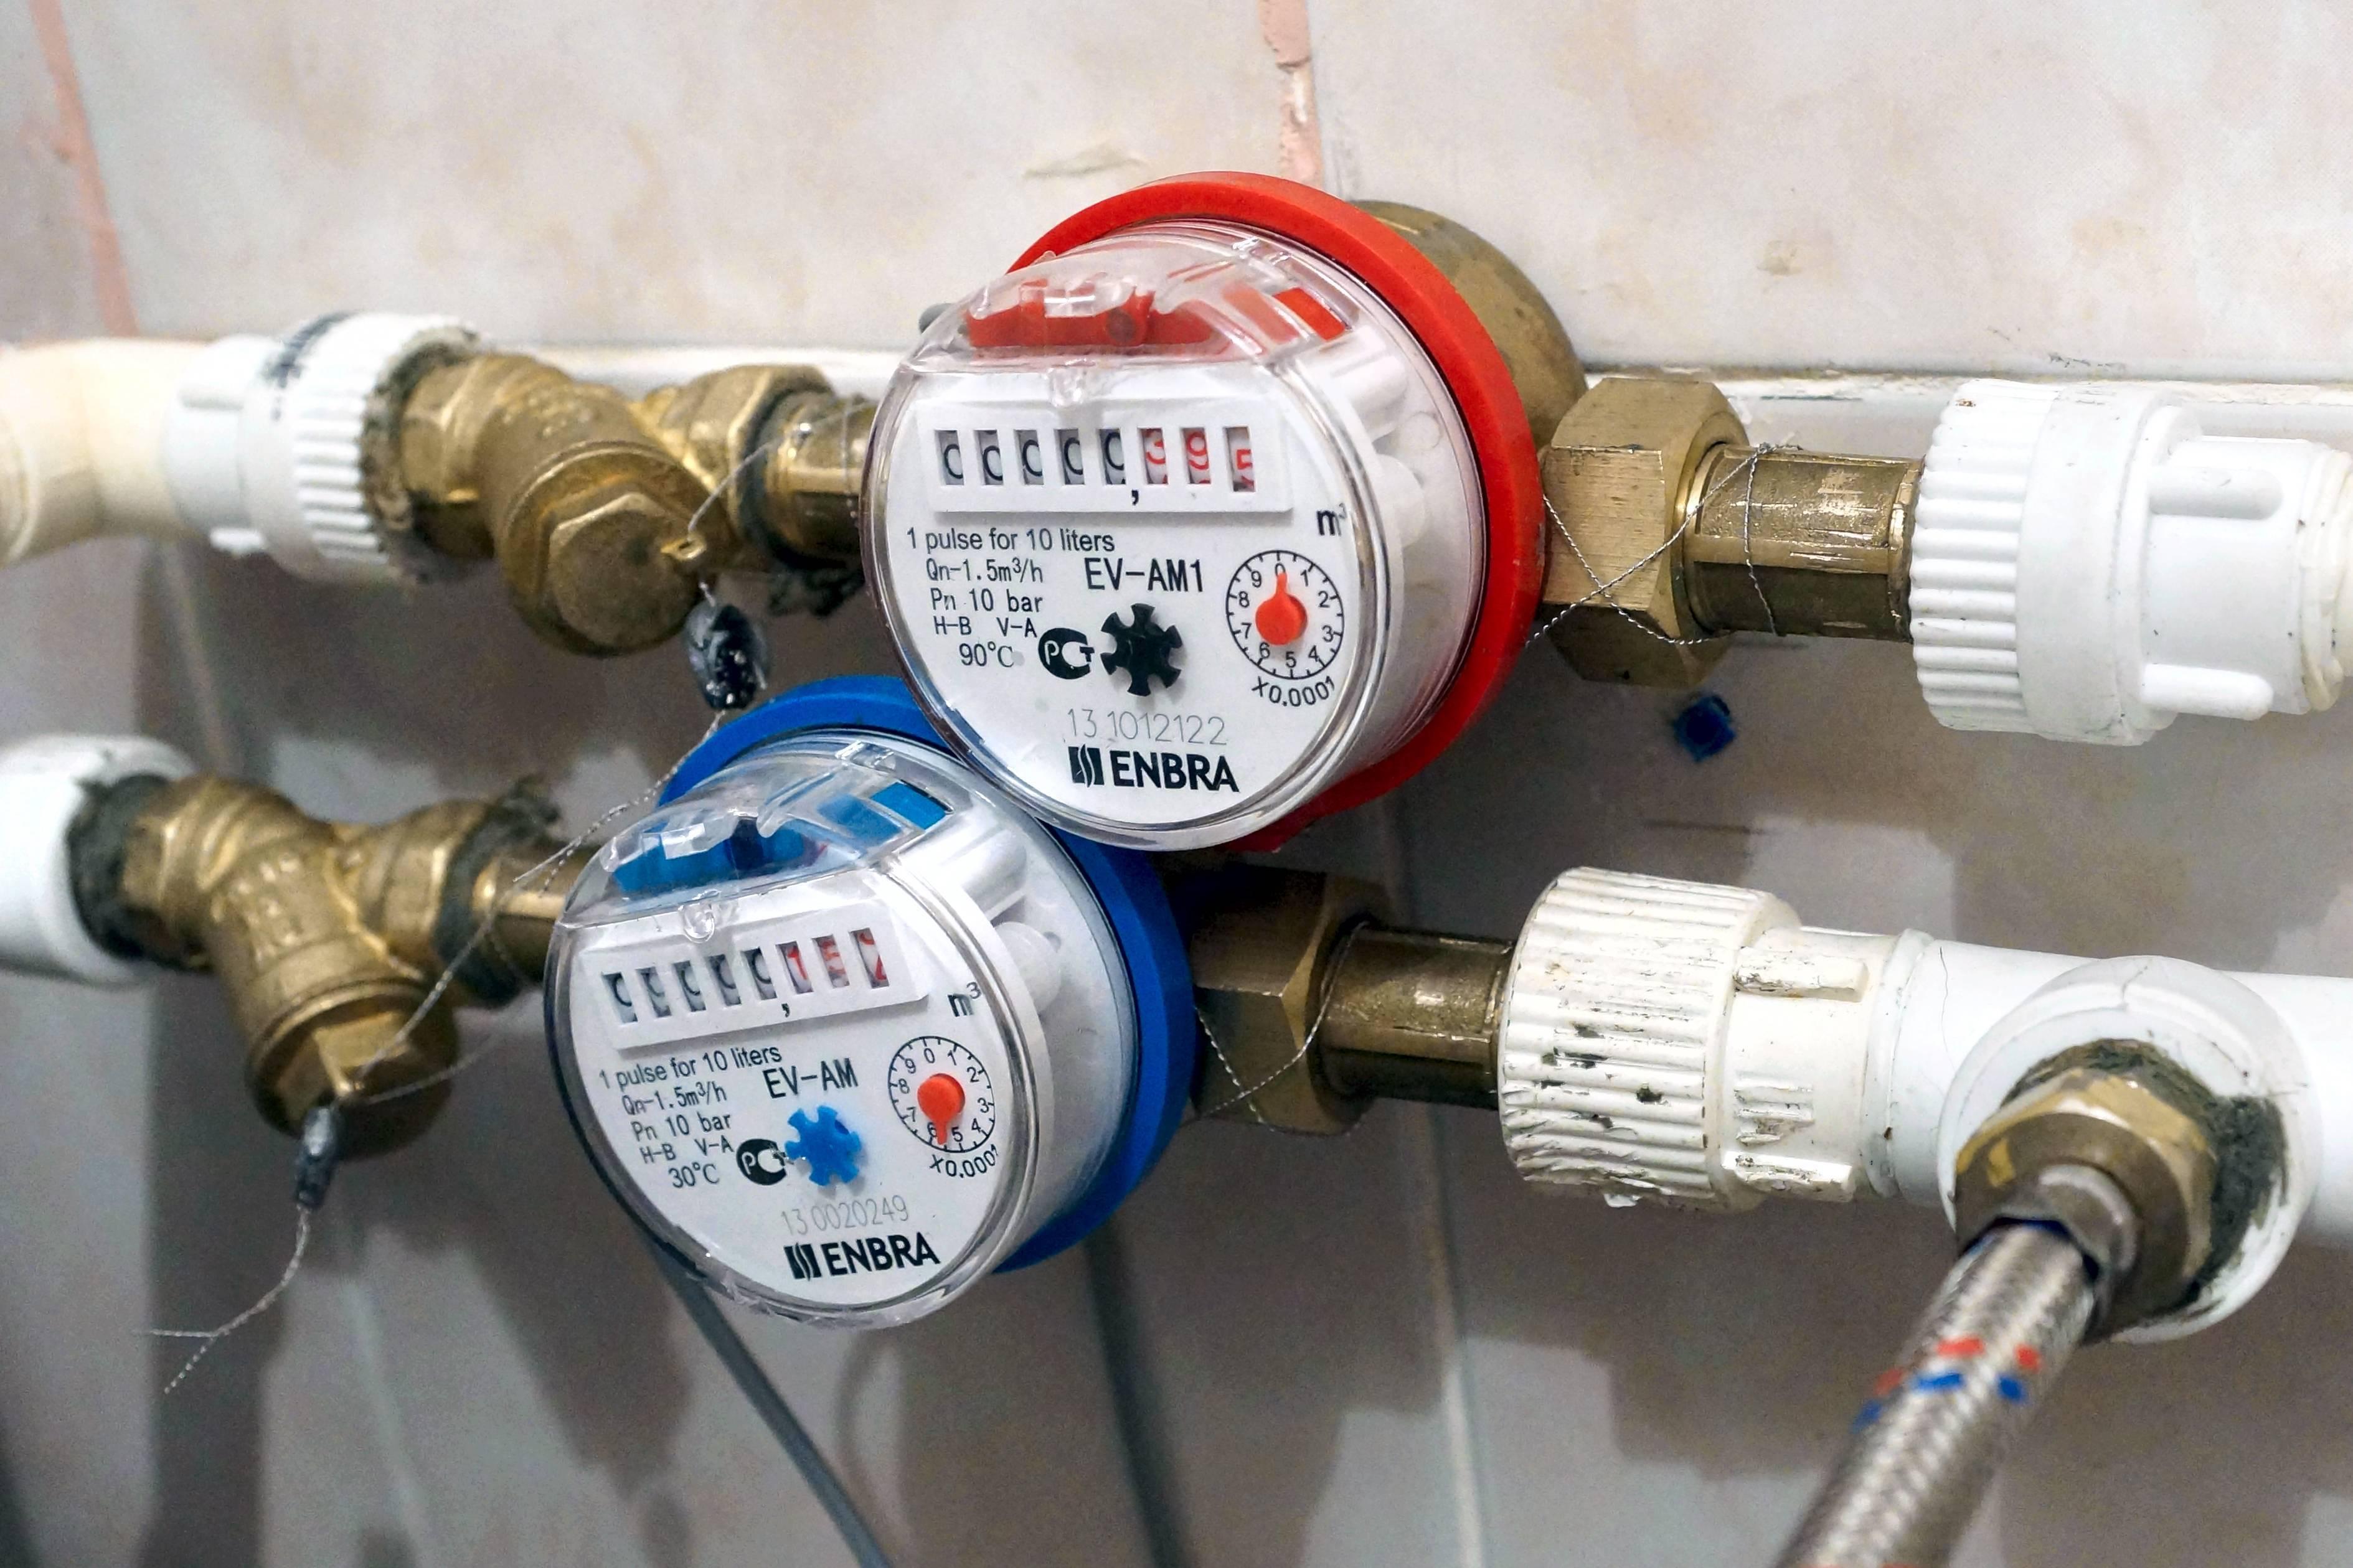 Регистрация счетчиков воды (холодной и горячей) в квартире: как и где зарегистрировать новый прибор, можно ли в мфц, на госуслугах?